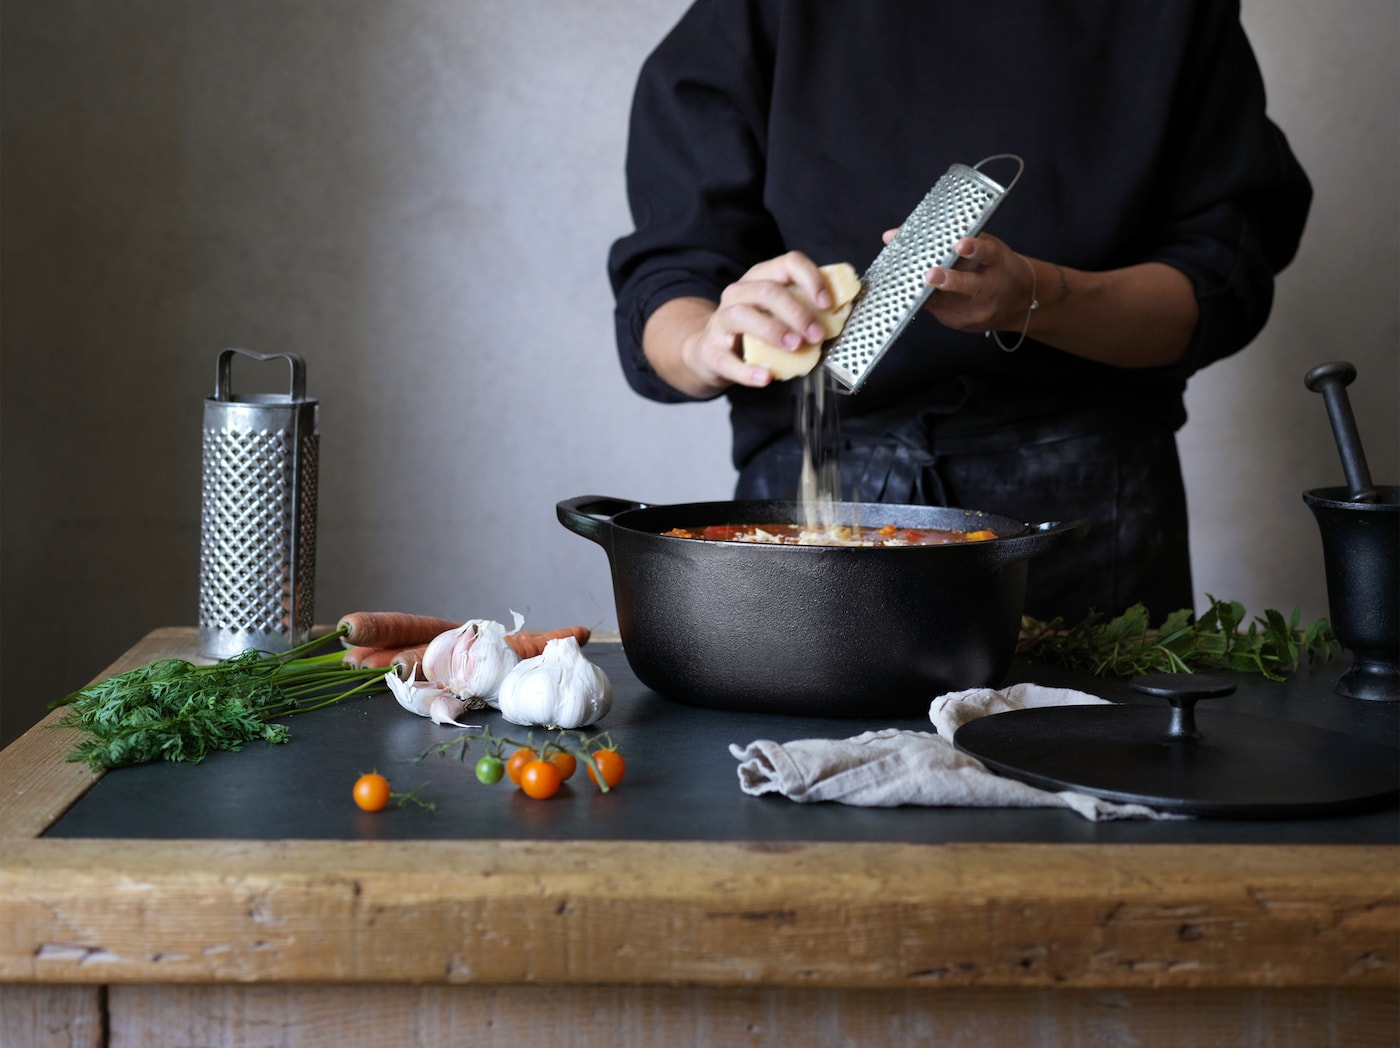 Une femme râpe du fromage au-dessus d'un faitout VARDAGEN noir contenant de la soupe.